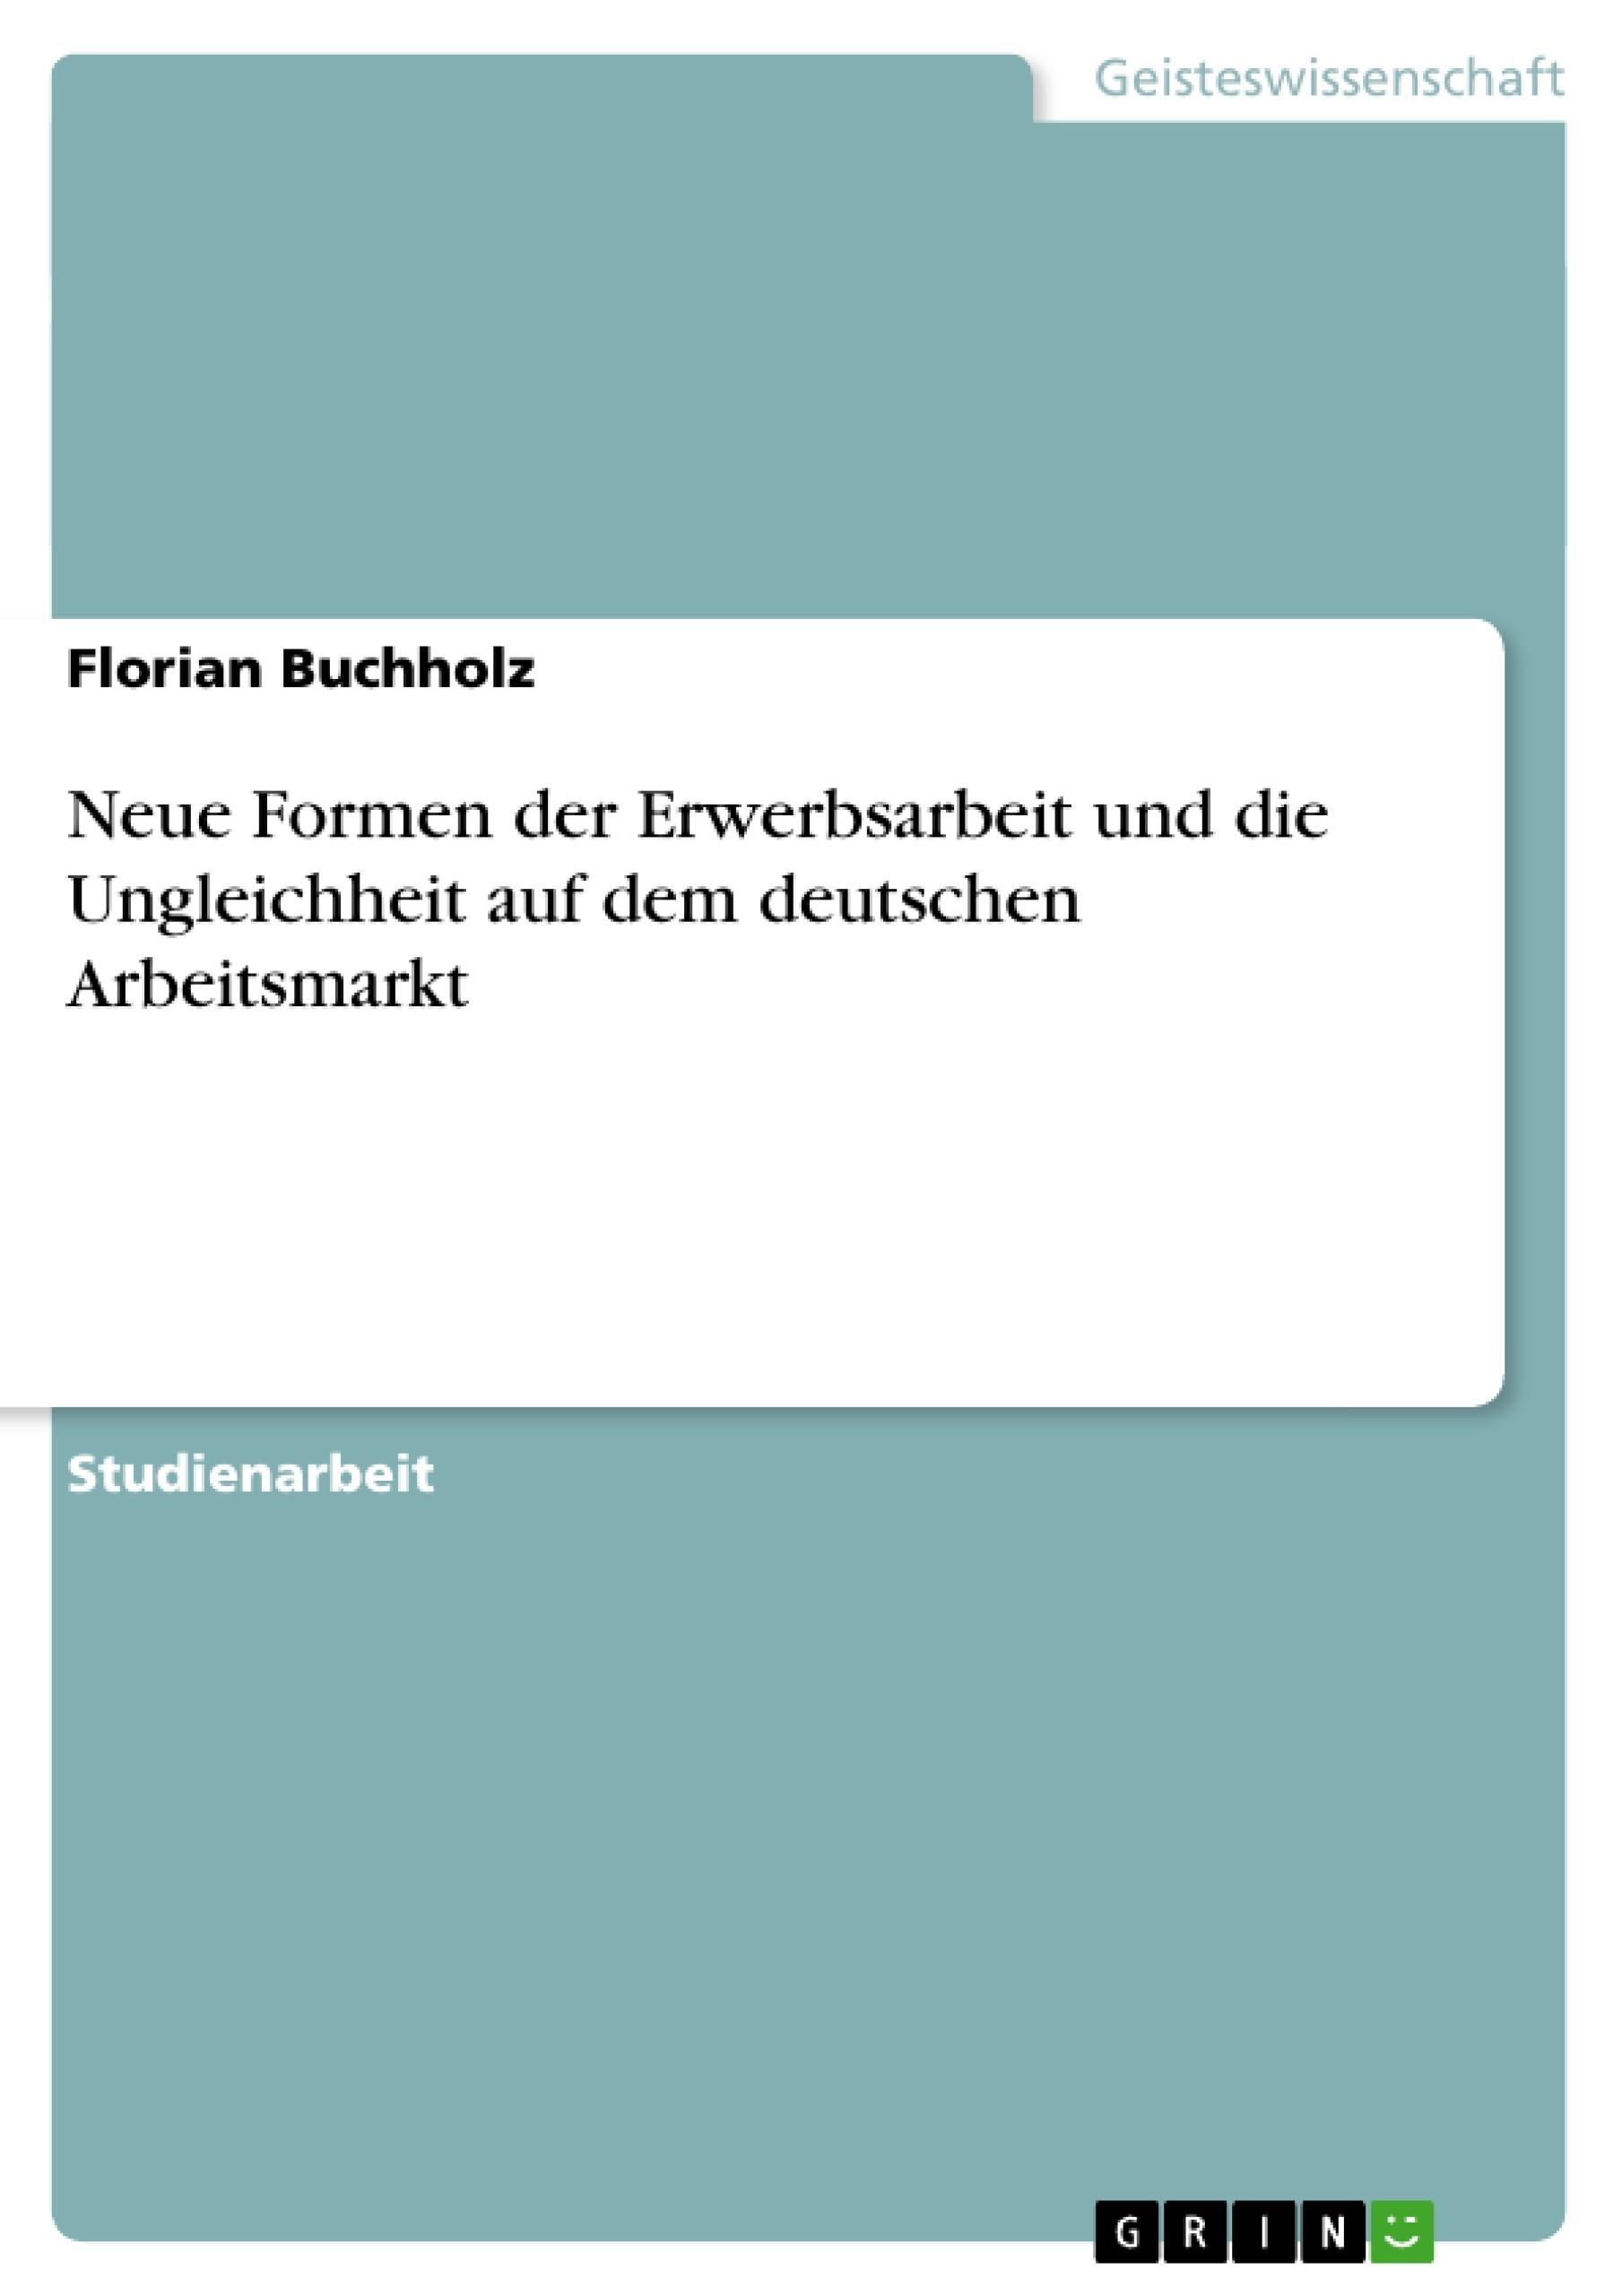 Titel: Neue Formen der Erwerbsarbeit und die Ungleichheit auf dem deutschen Arbeitsmarkt